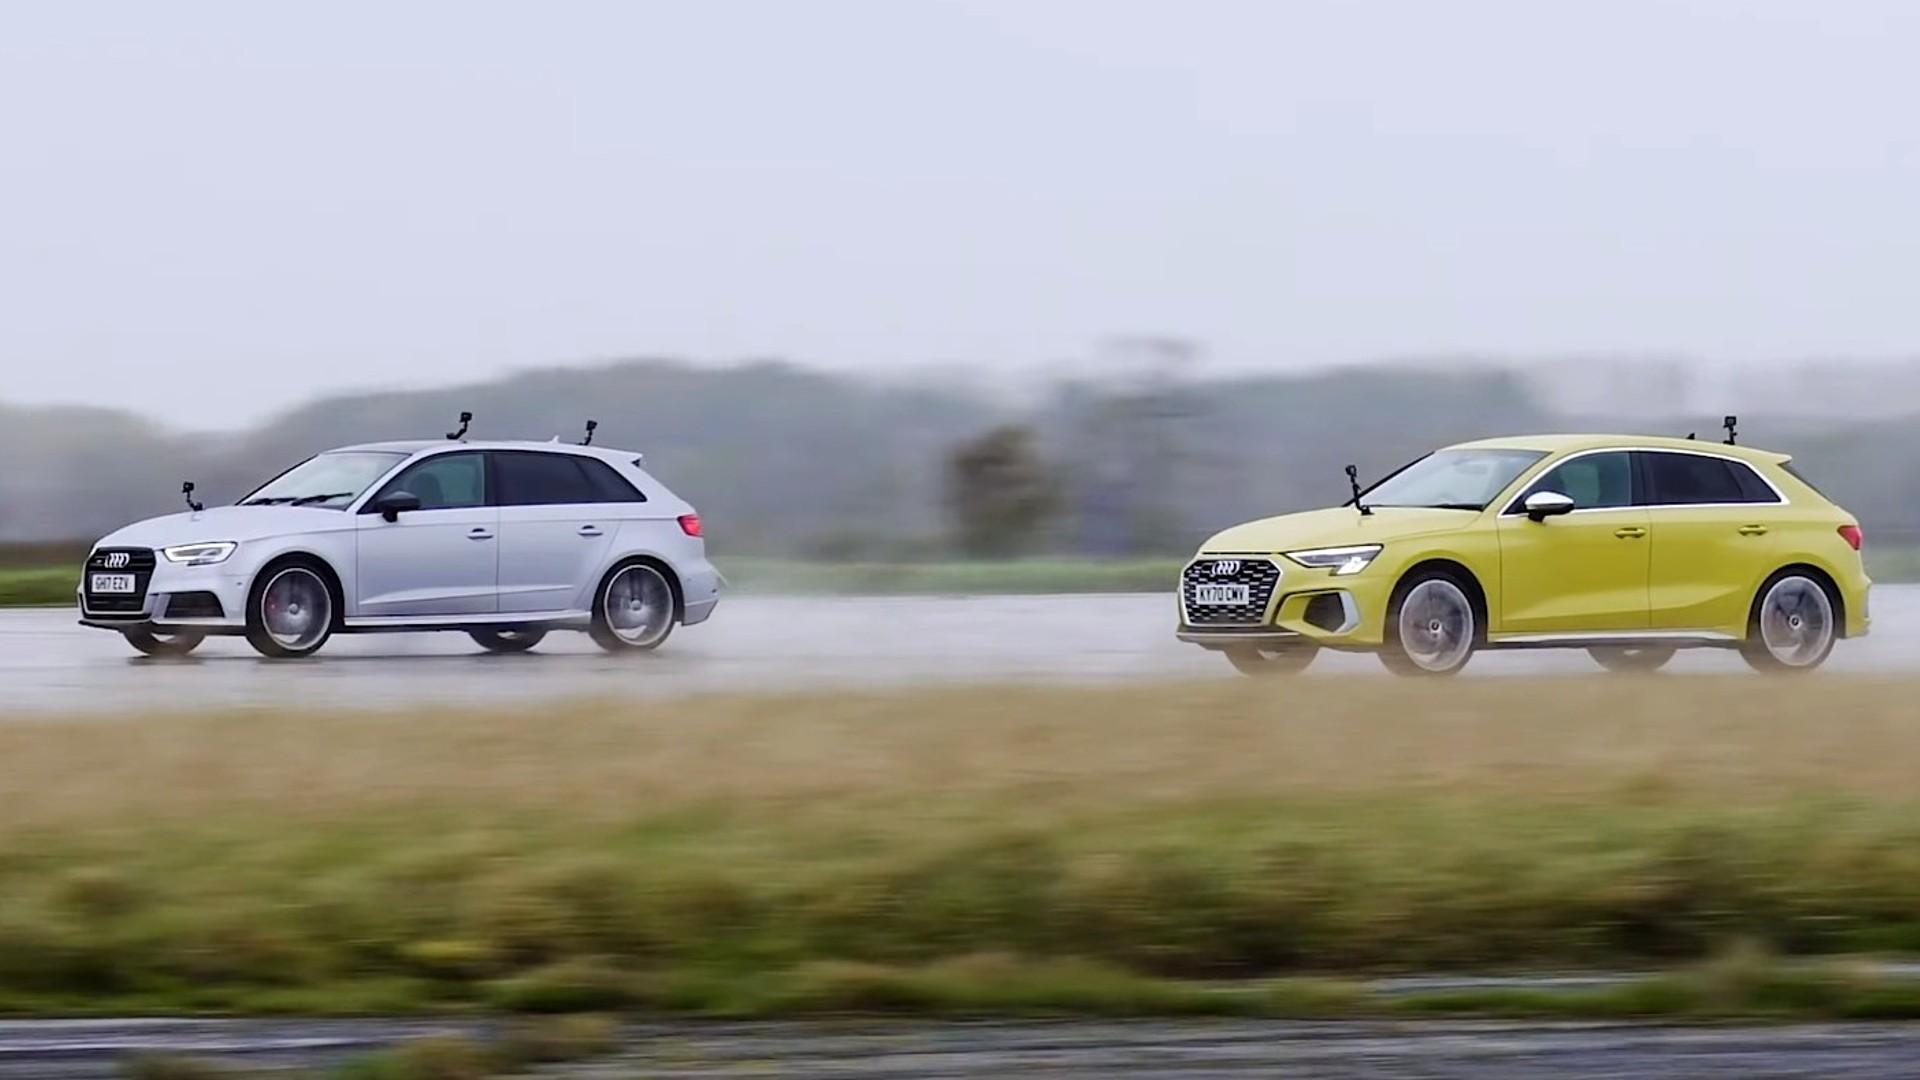 Το νέο Audi S3 Sportback αντιμέτωπο με την προηγούμενη γενιά [vid]